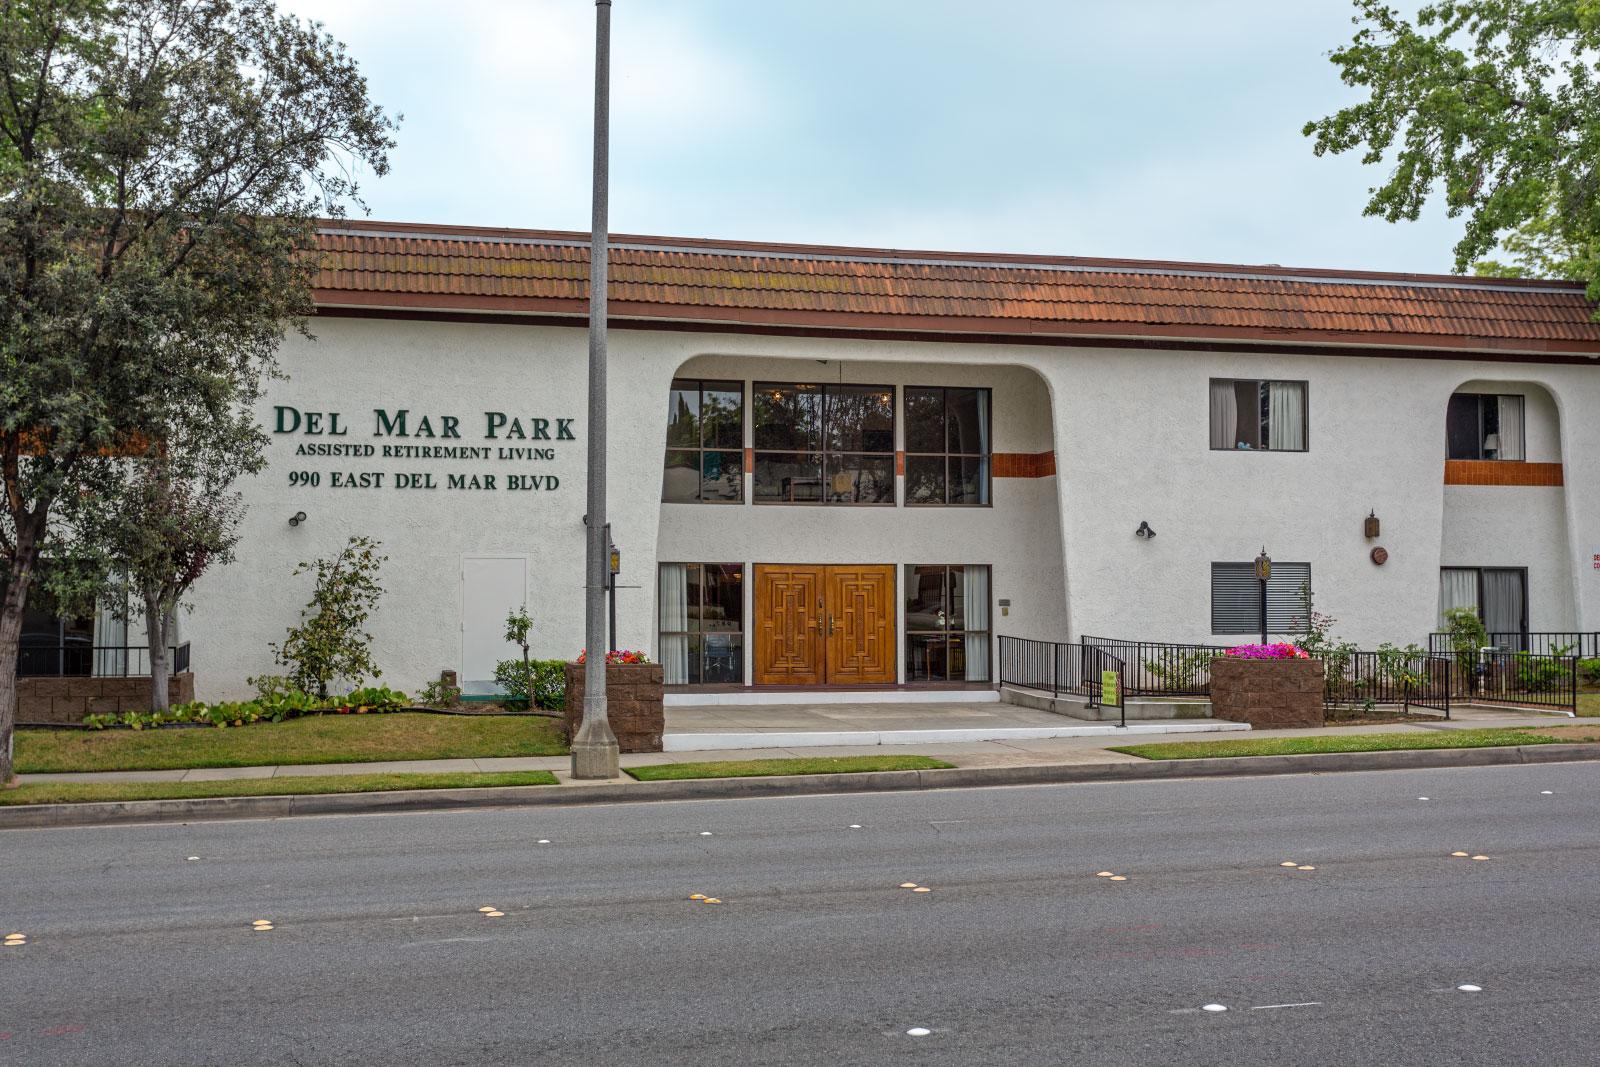 Del Mar Park